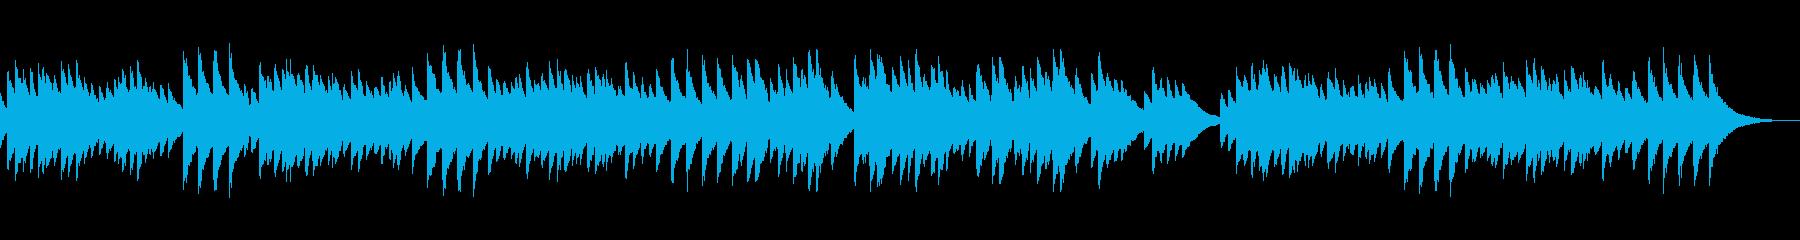 ちょっとせつないオルゴール曲の再生済みの波形